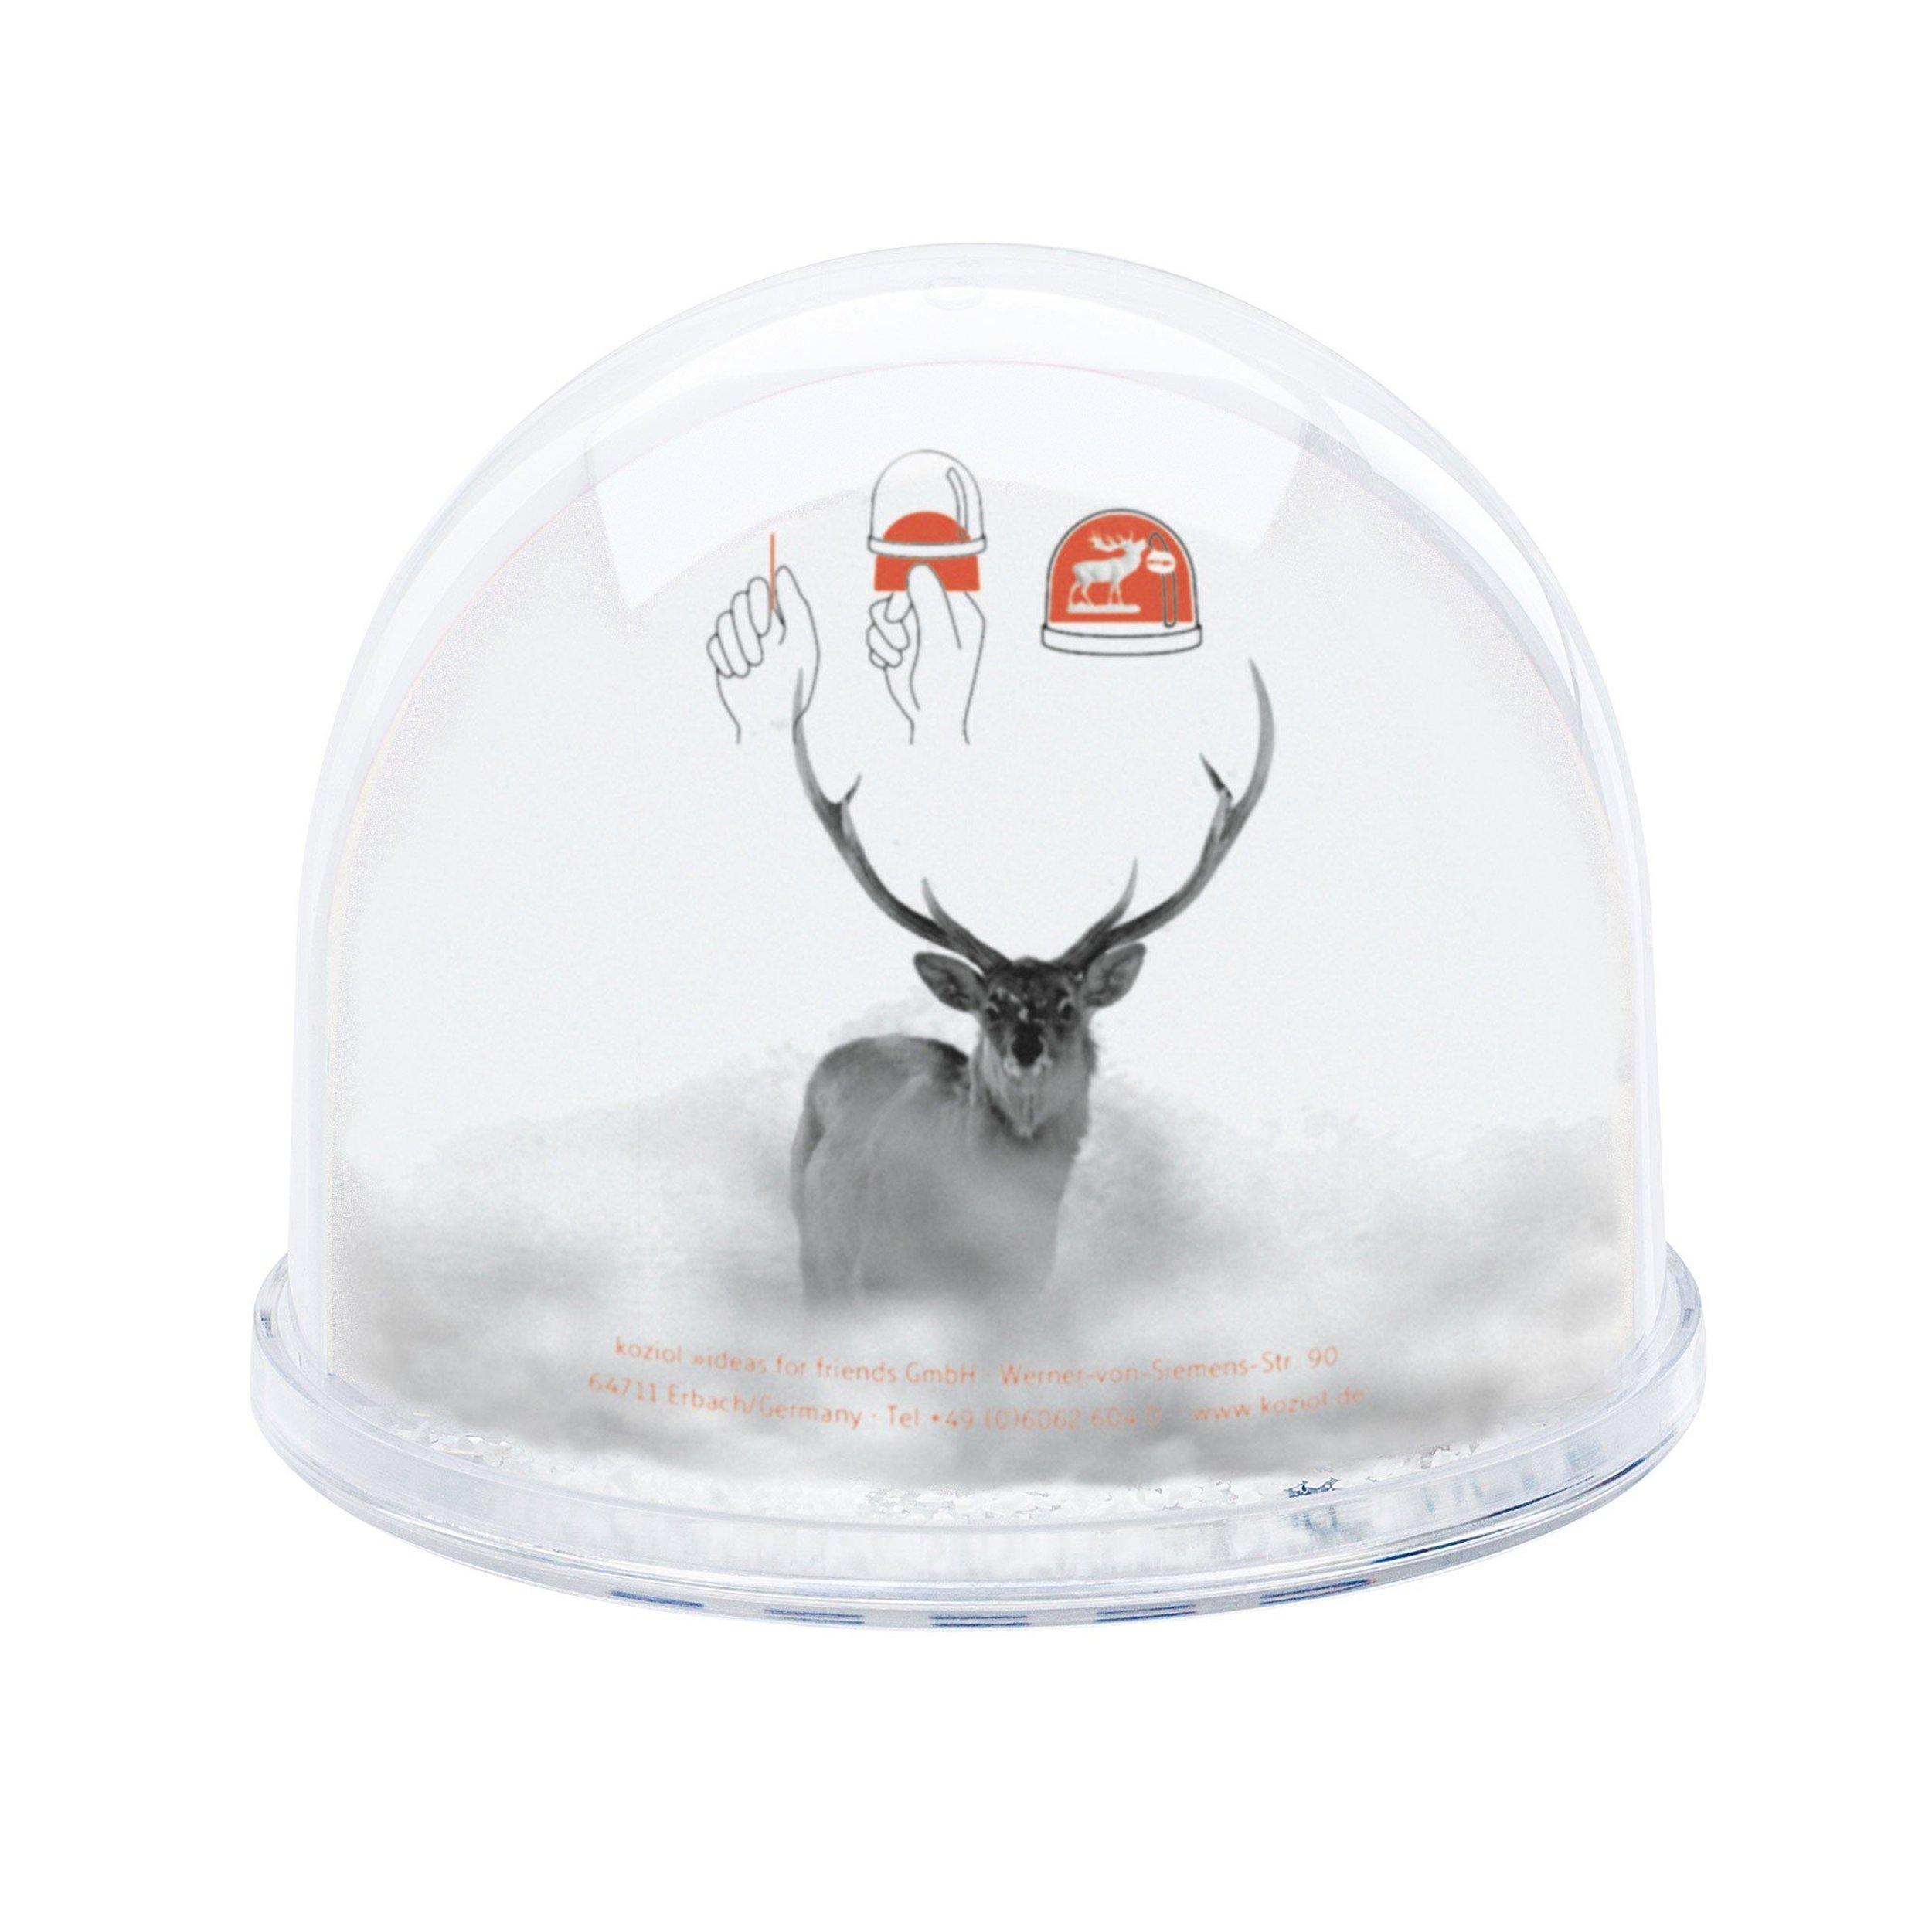 Dekoracja świąteczna ze zdjęciem Dream Globe Oh Deer